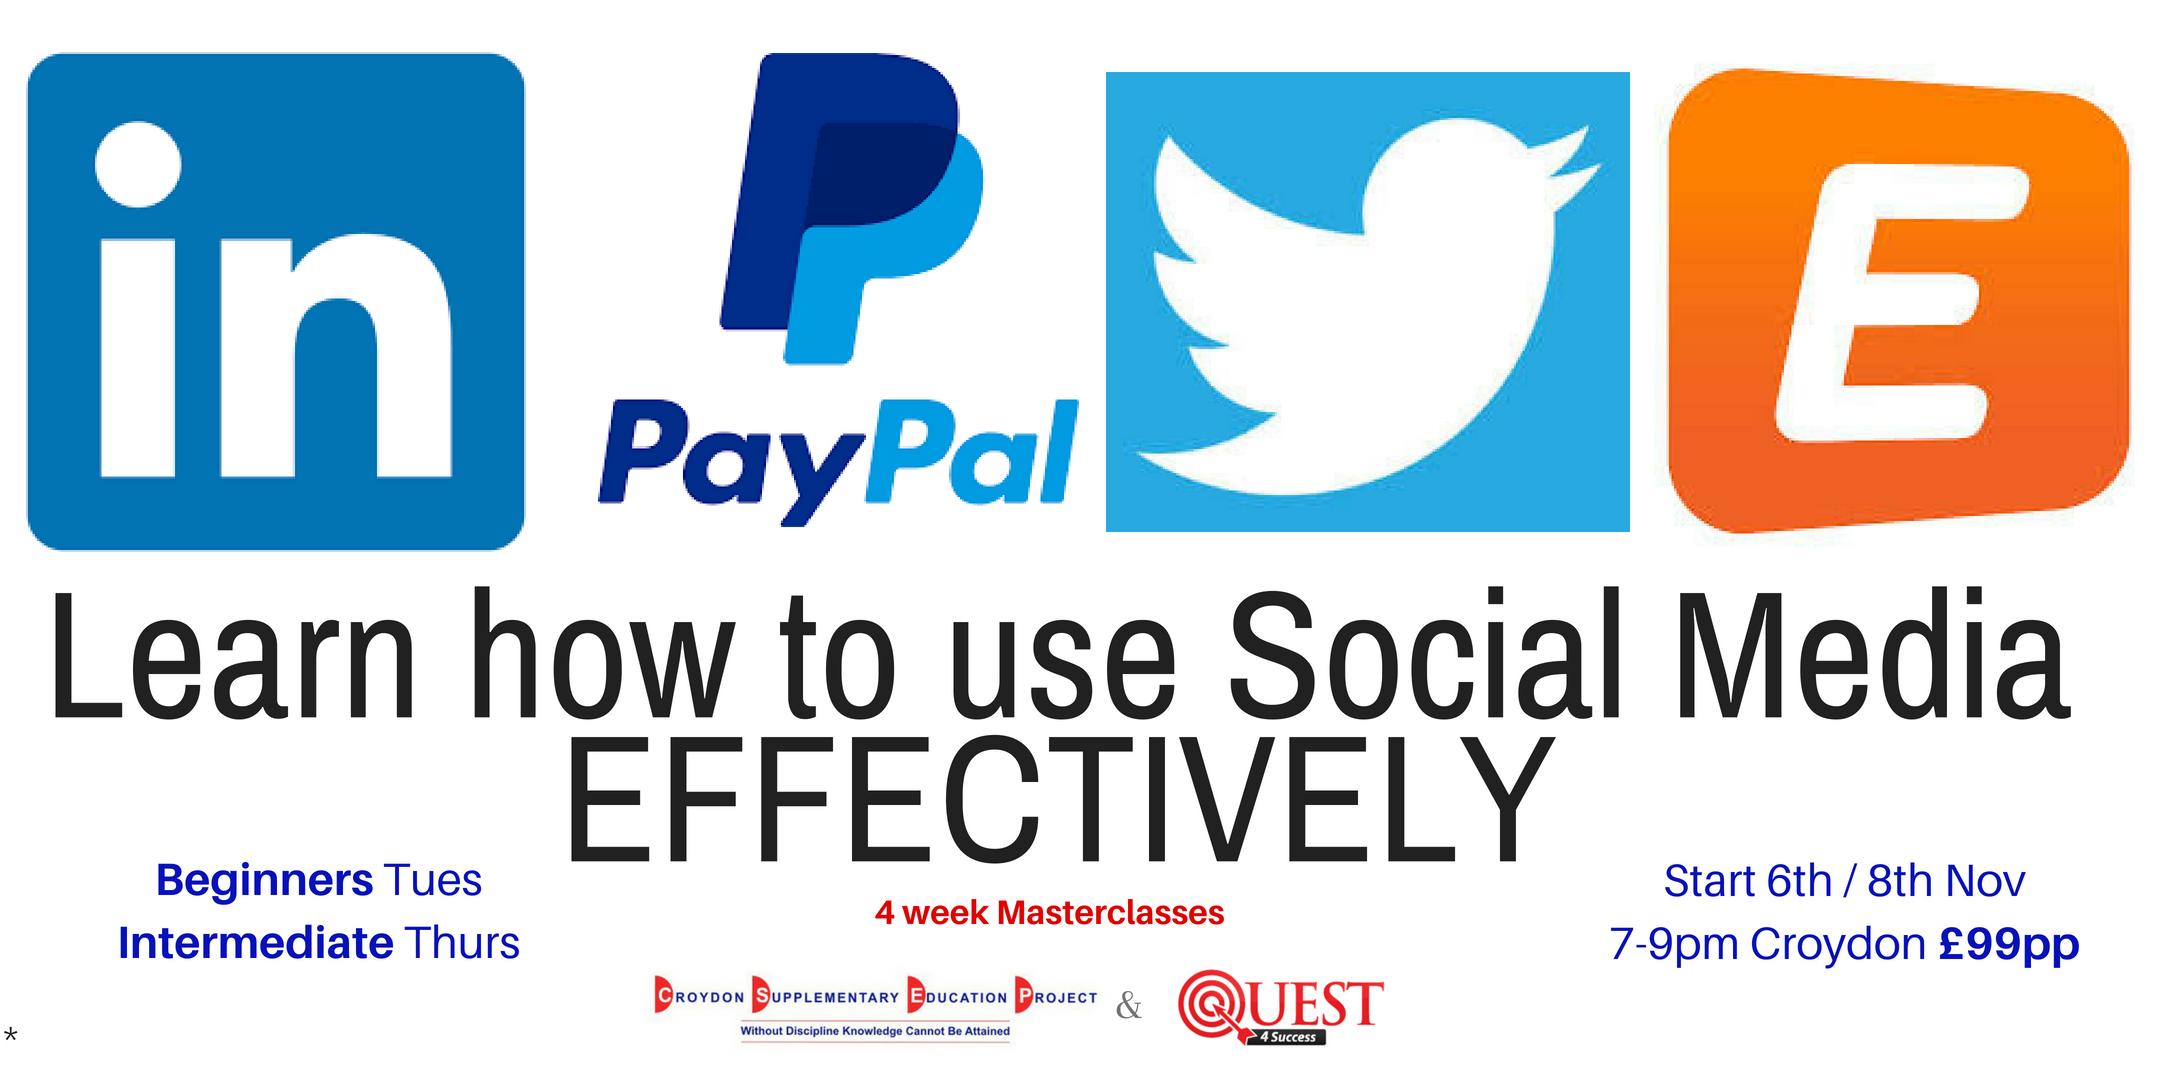 Social Media Masterclasses